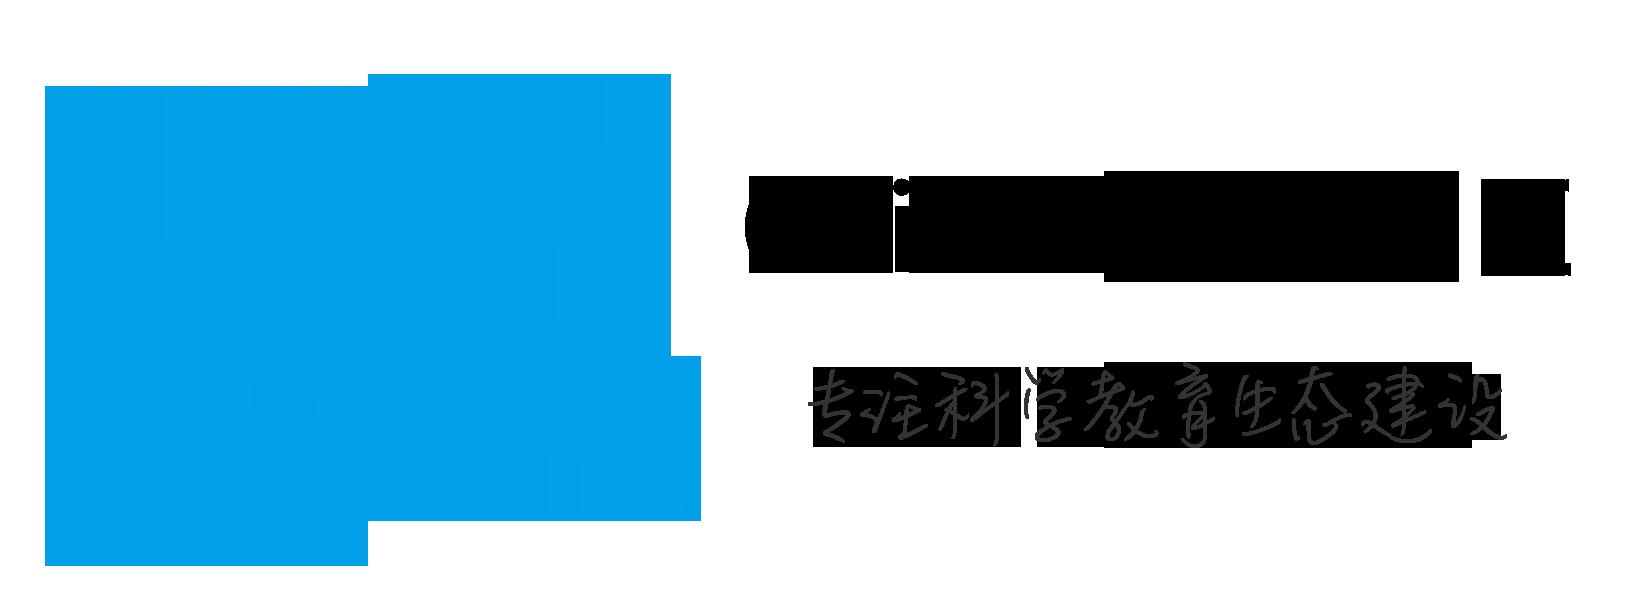 ChinaFoss